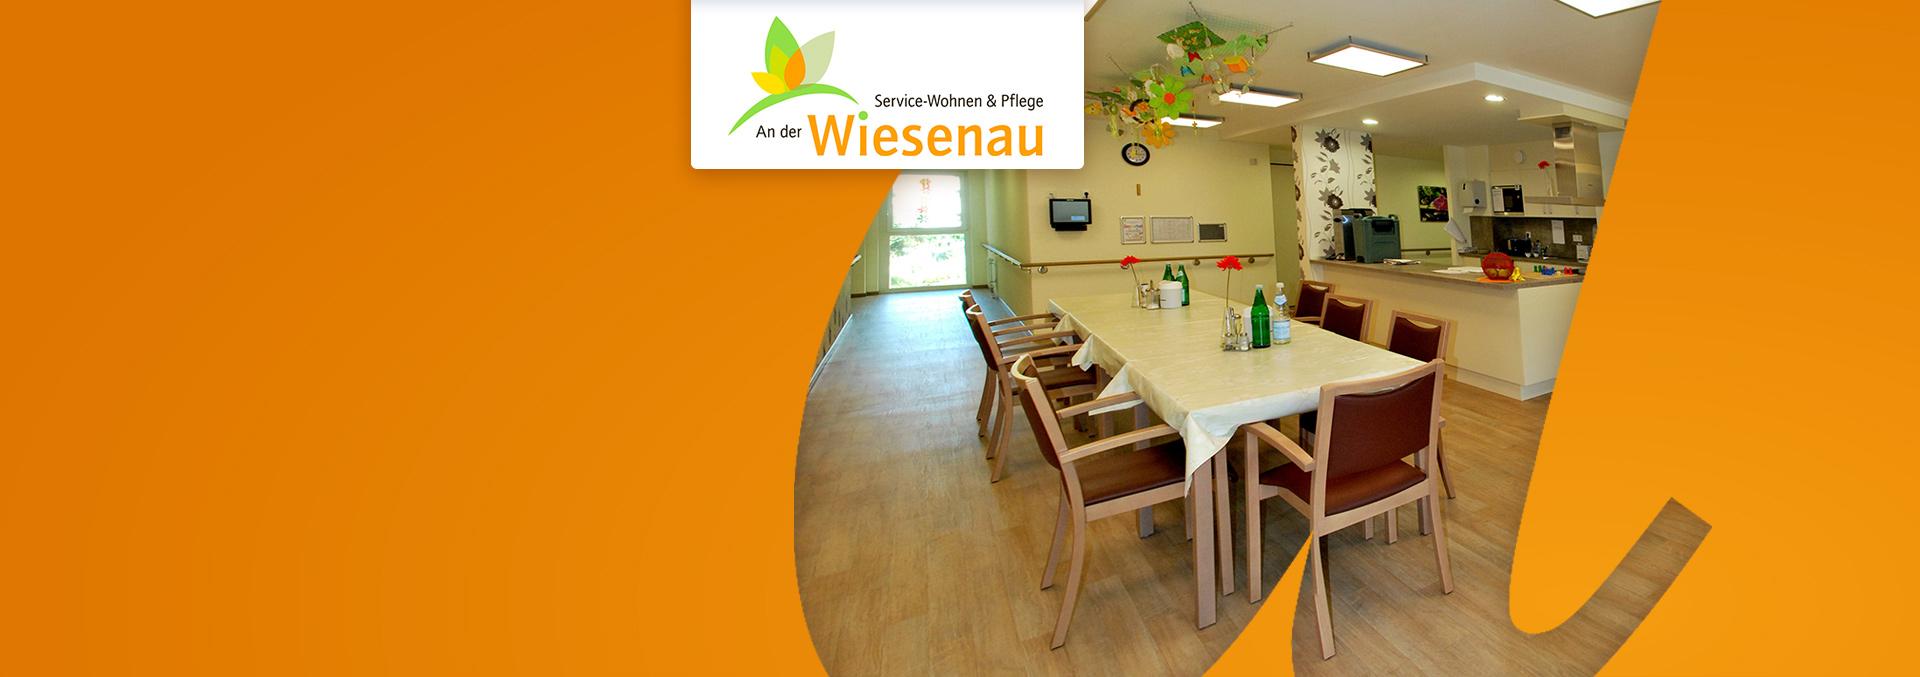 Service-Wohnen und Pflege AN DER WIESENAU: Speiseraum mit Küchenzeile und Deckendekoration